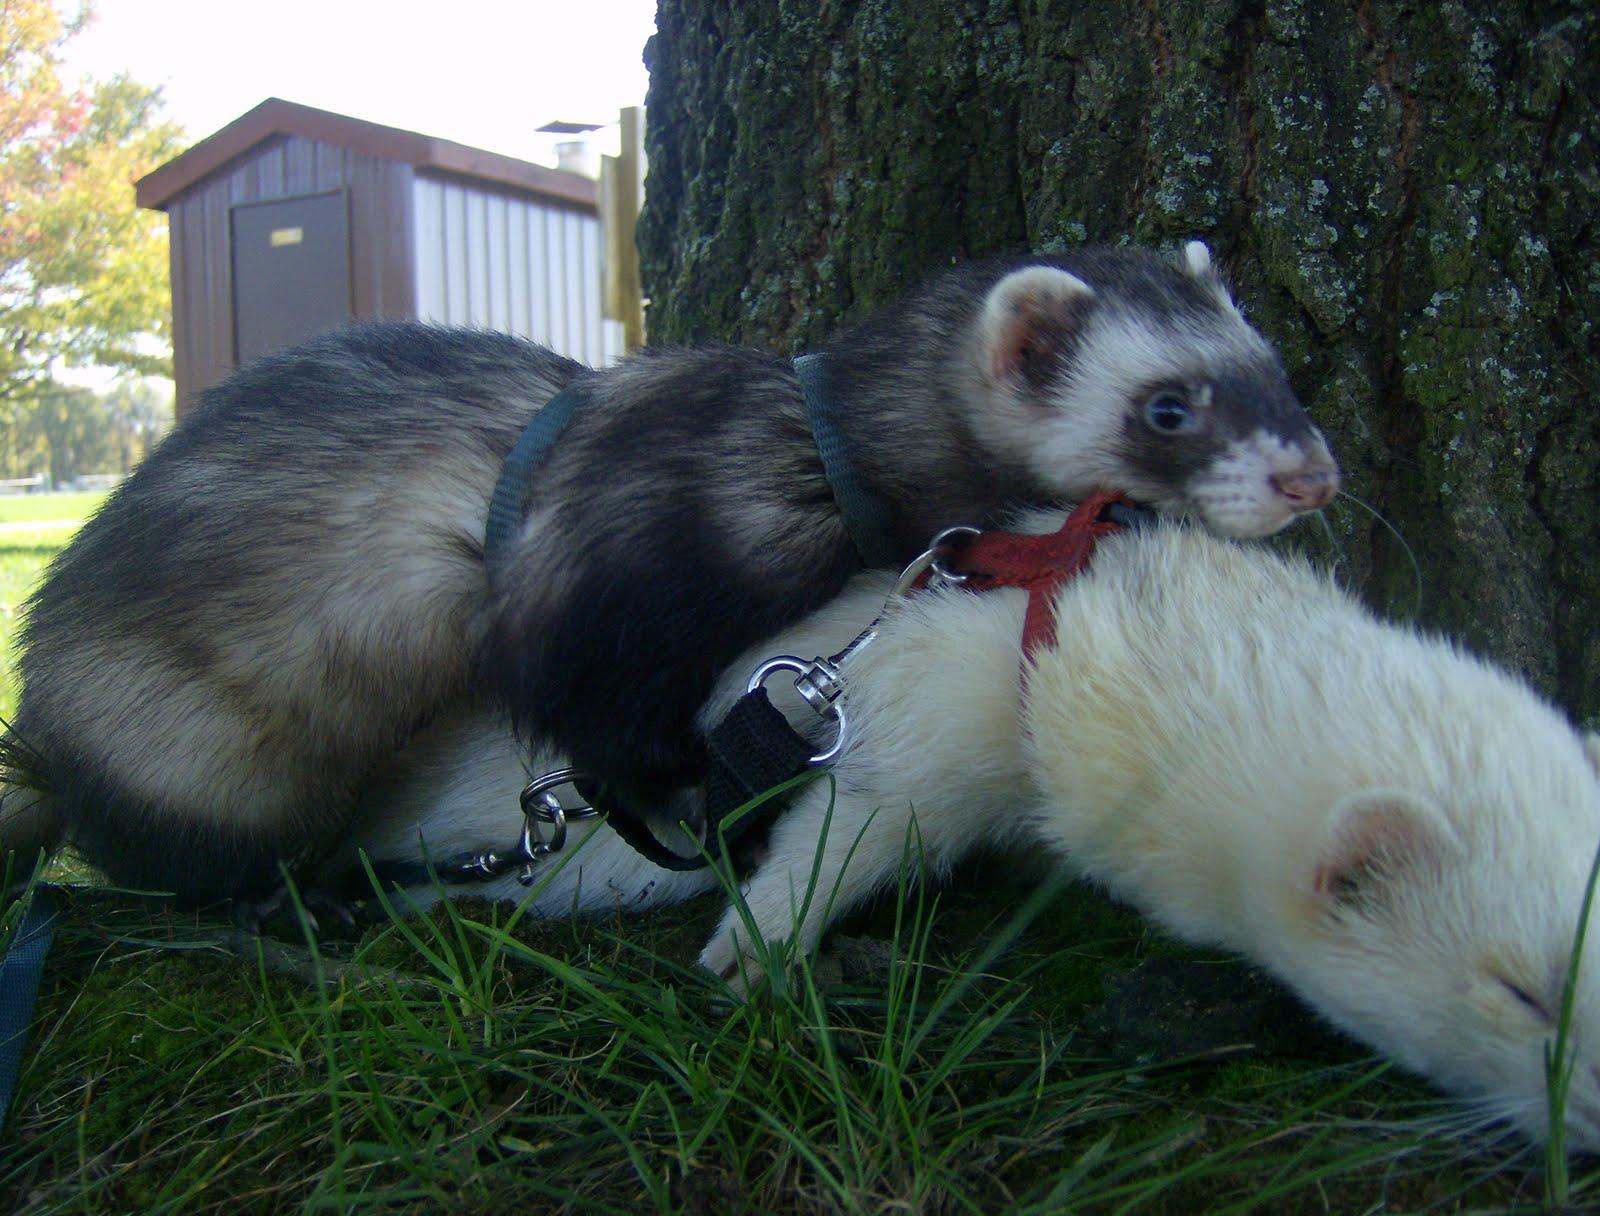 Enlightened Ferret : November 2011